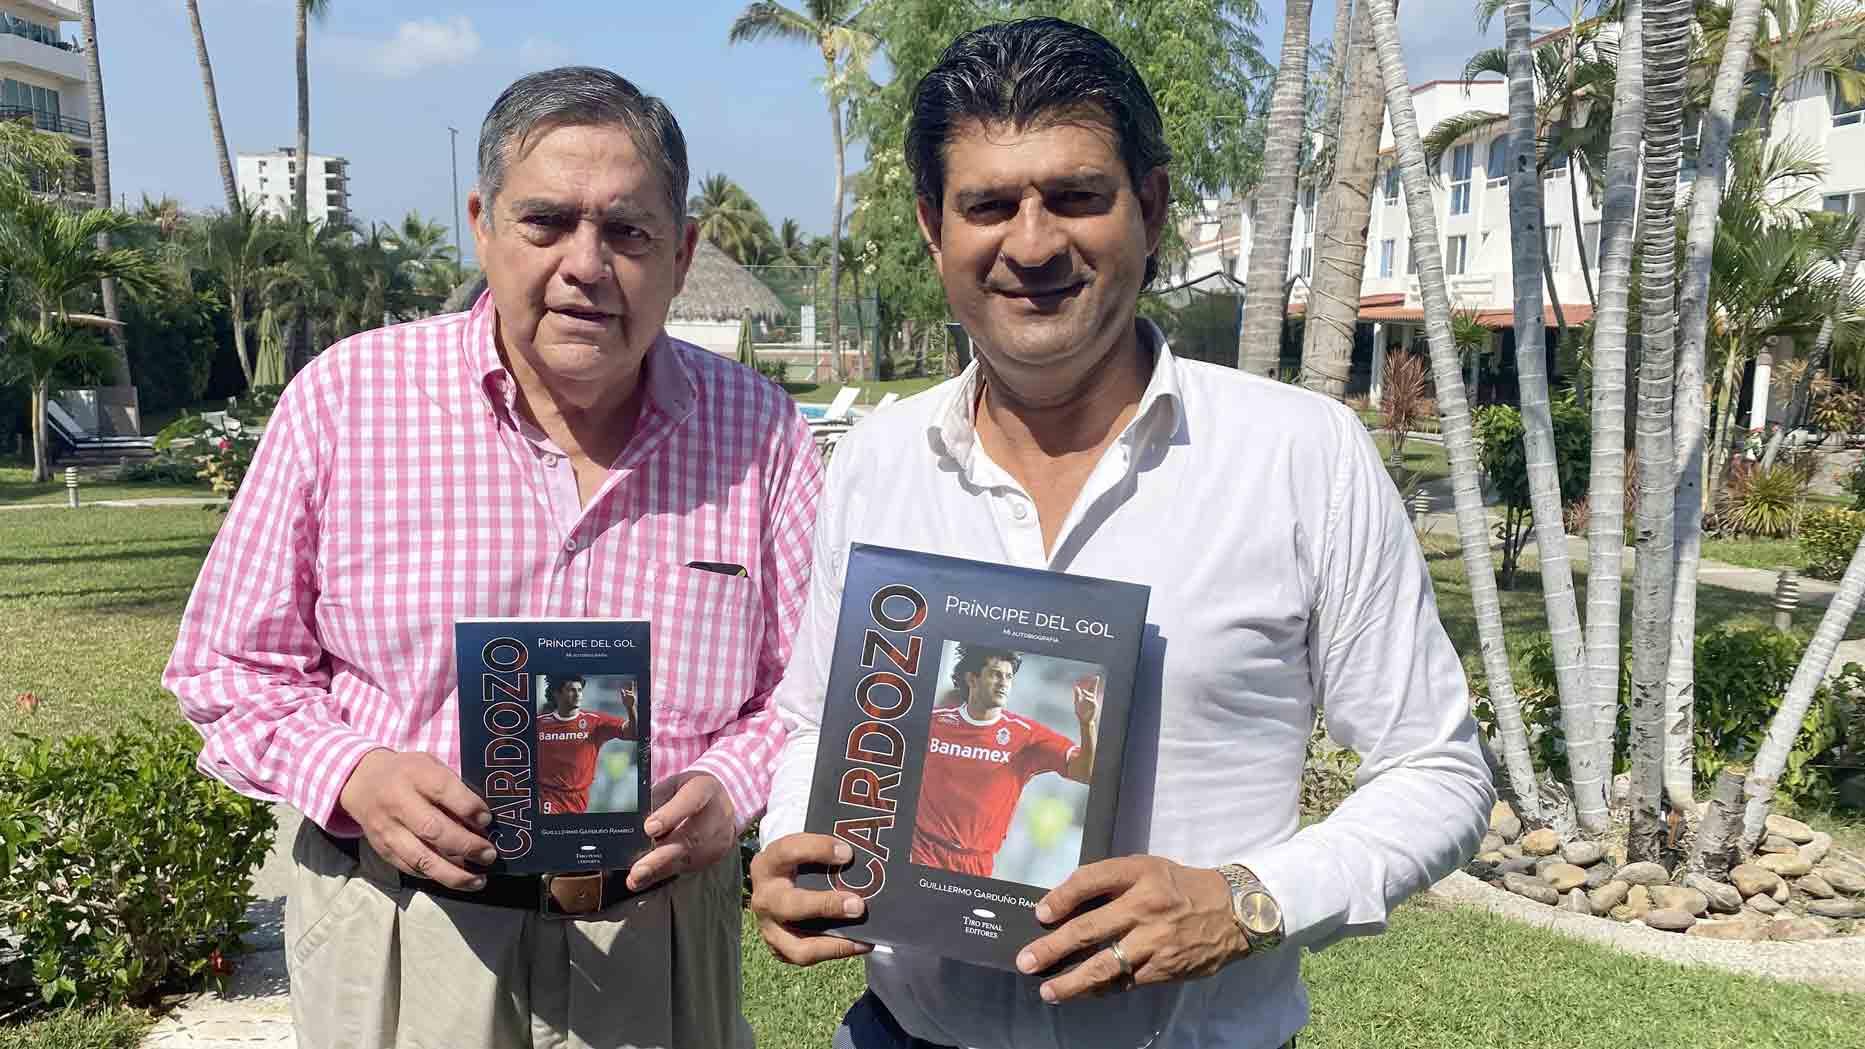 Cardozo presenta su libro 'El príncipe del gol'